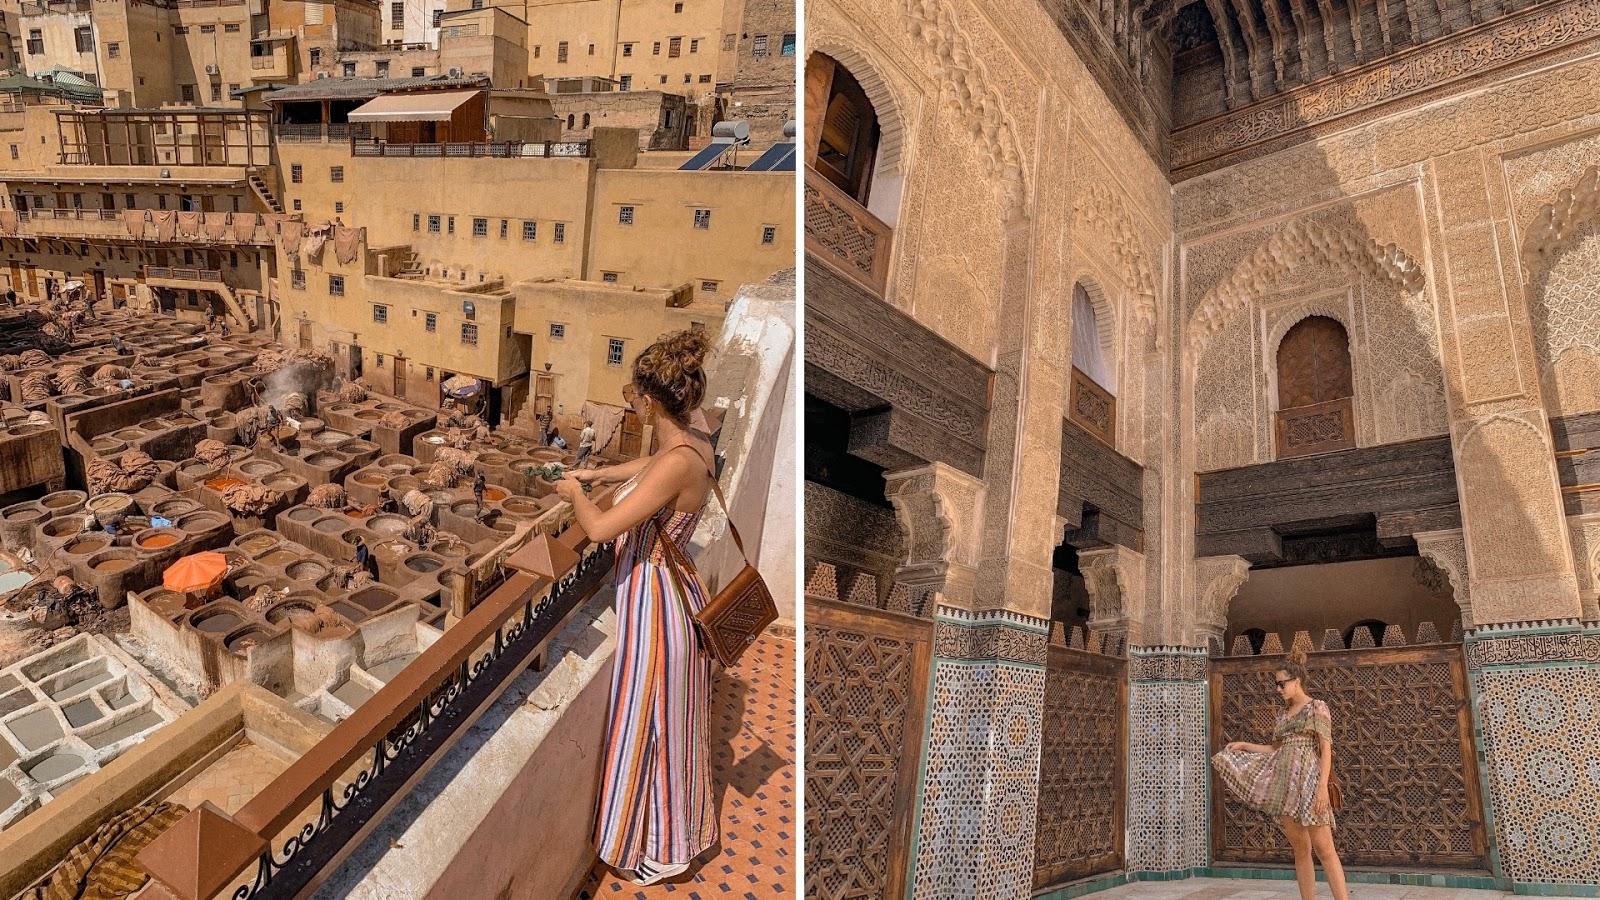 viaggio in Marocco cosa vedere a fez, Valentina Rago, fashion need, travel blog italia, viaggio in Marocco, cosa fare a fez